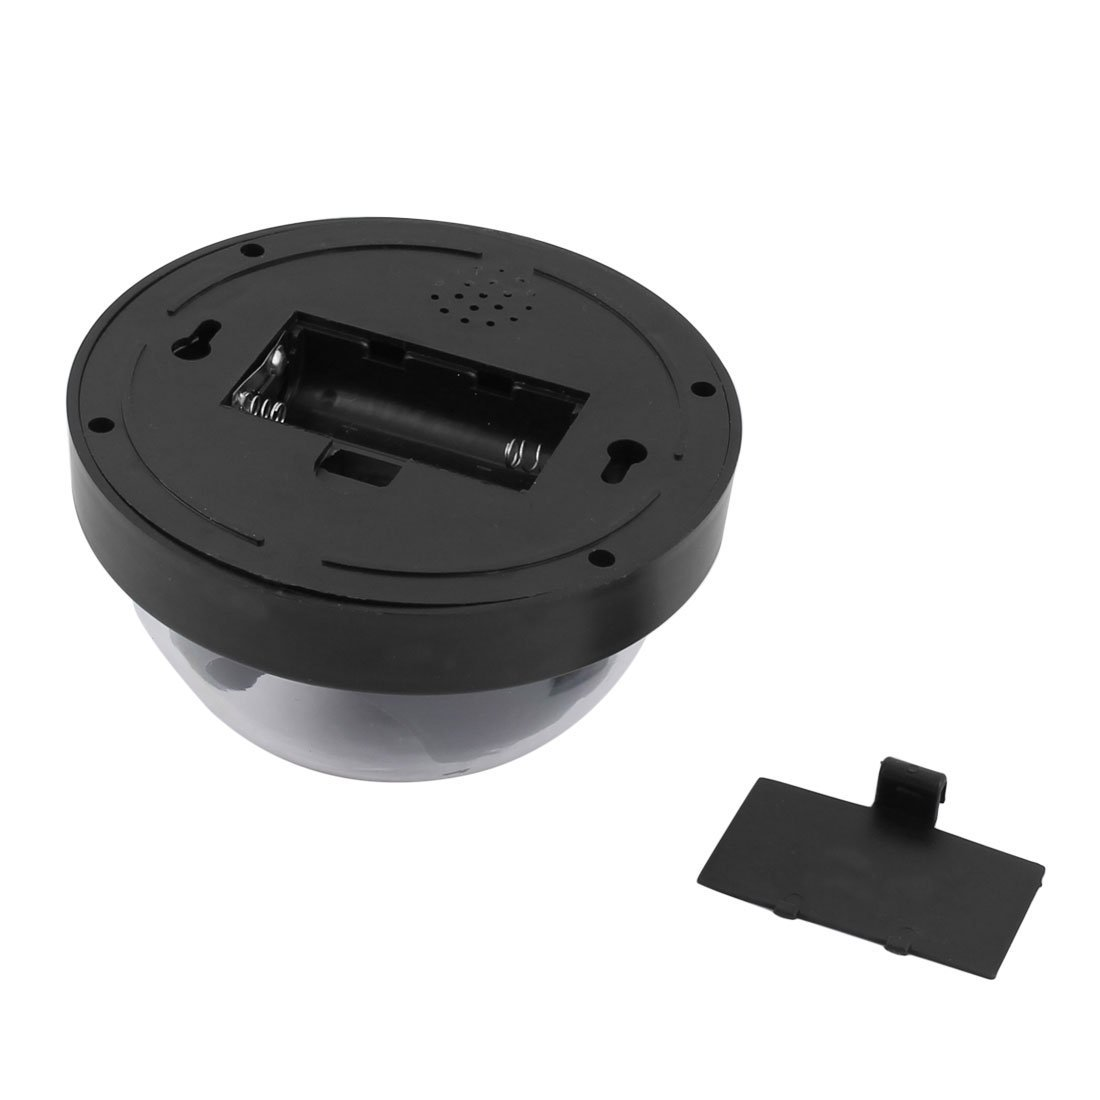 Amazon.com : eDealMax plástica de la bóveda en Forma de cubierta al aire Libre de la batería Desarrollado luz roja intermitente cámara de seguridad falso ...